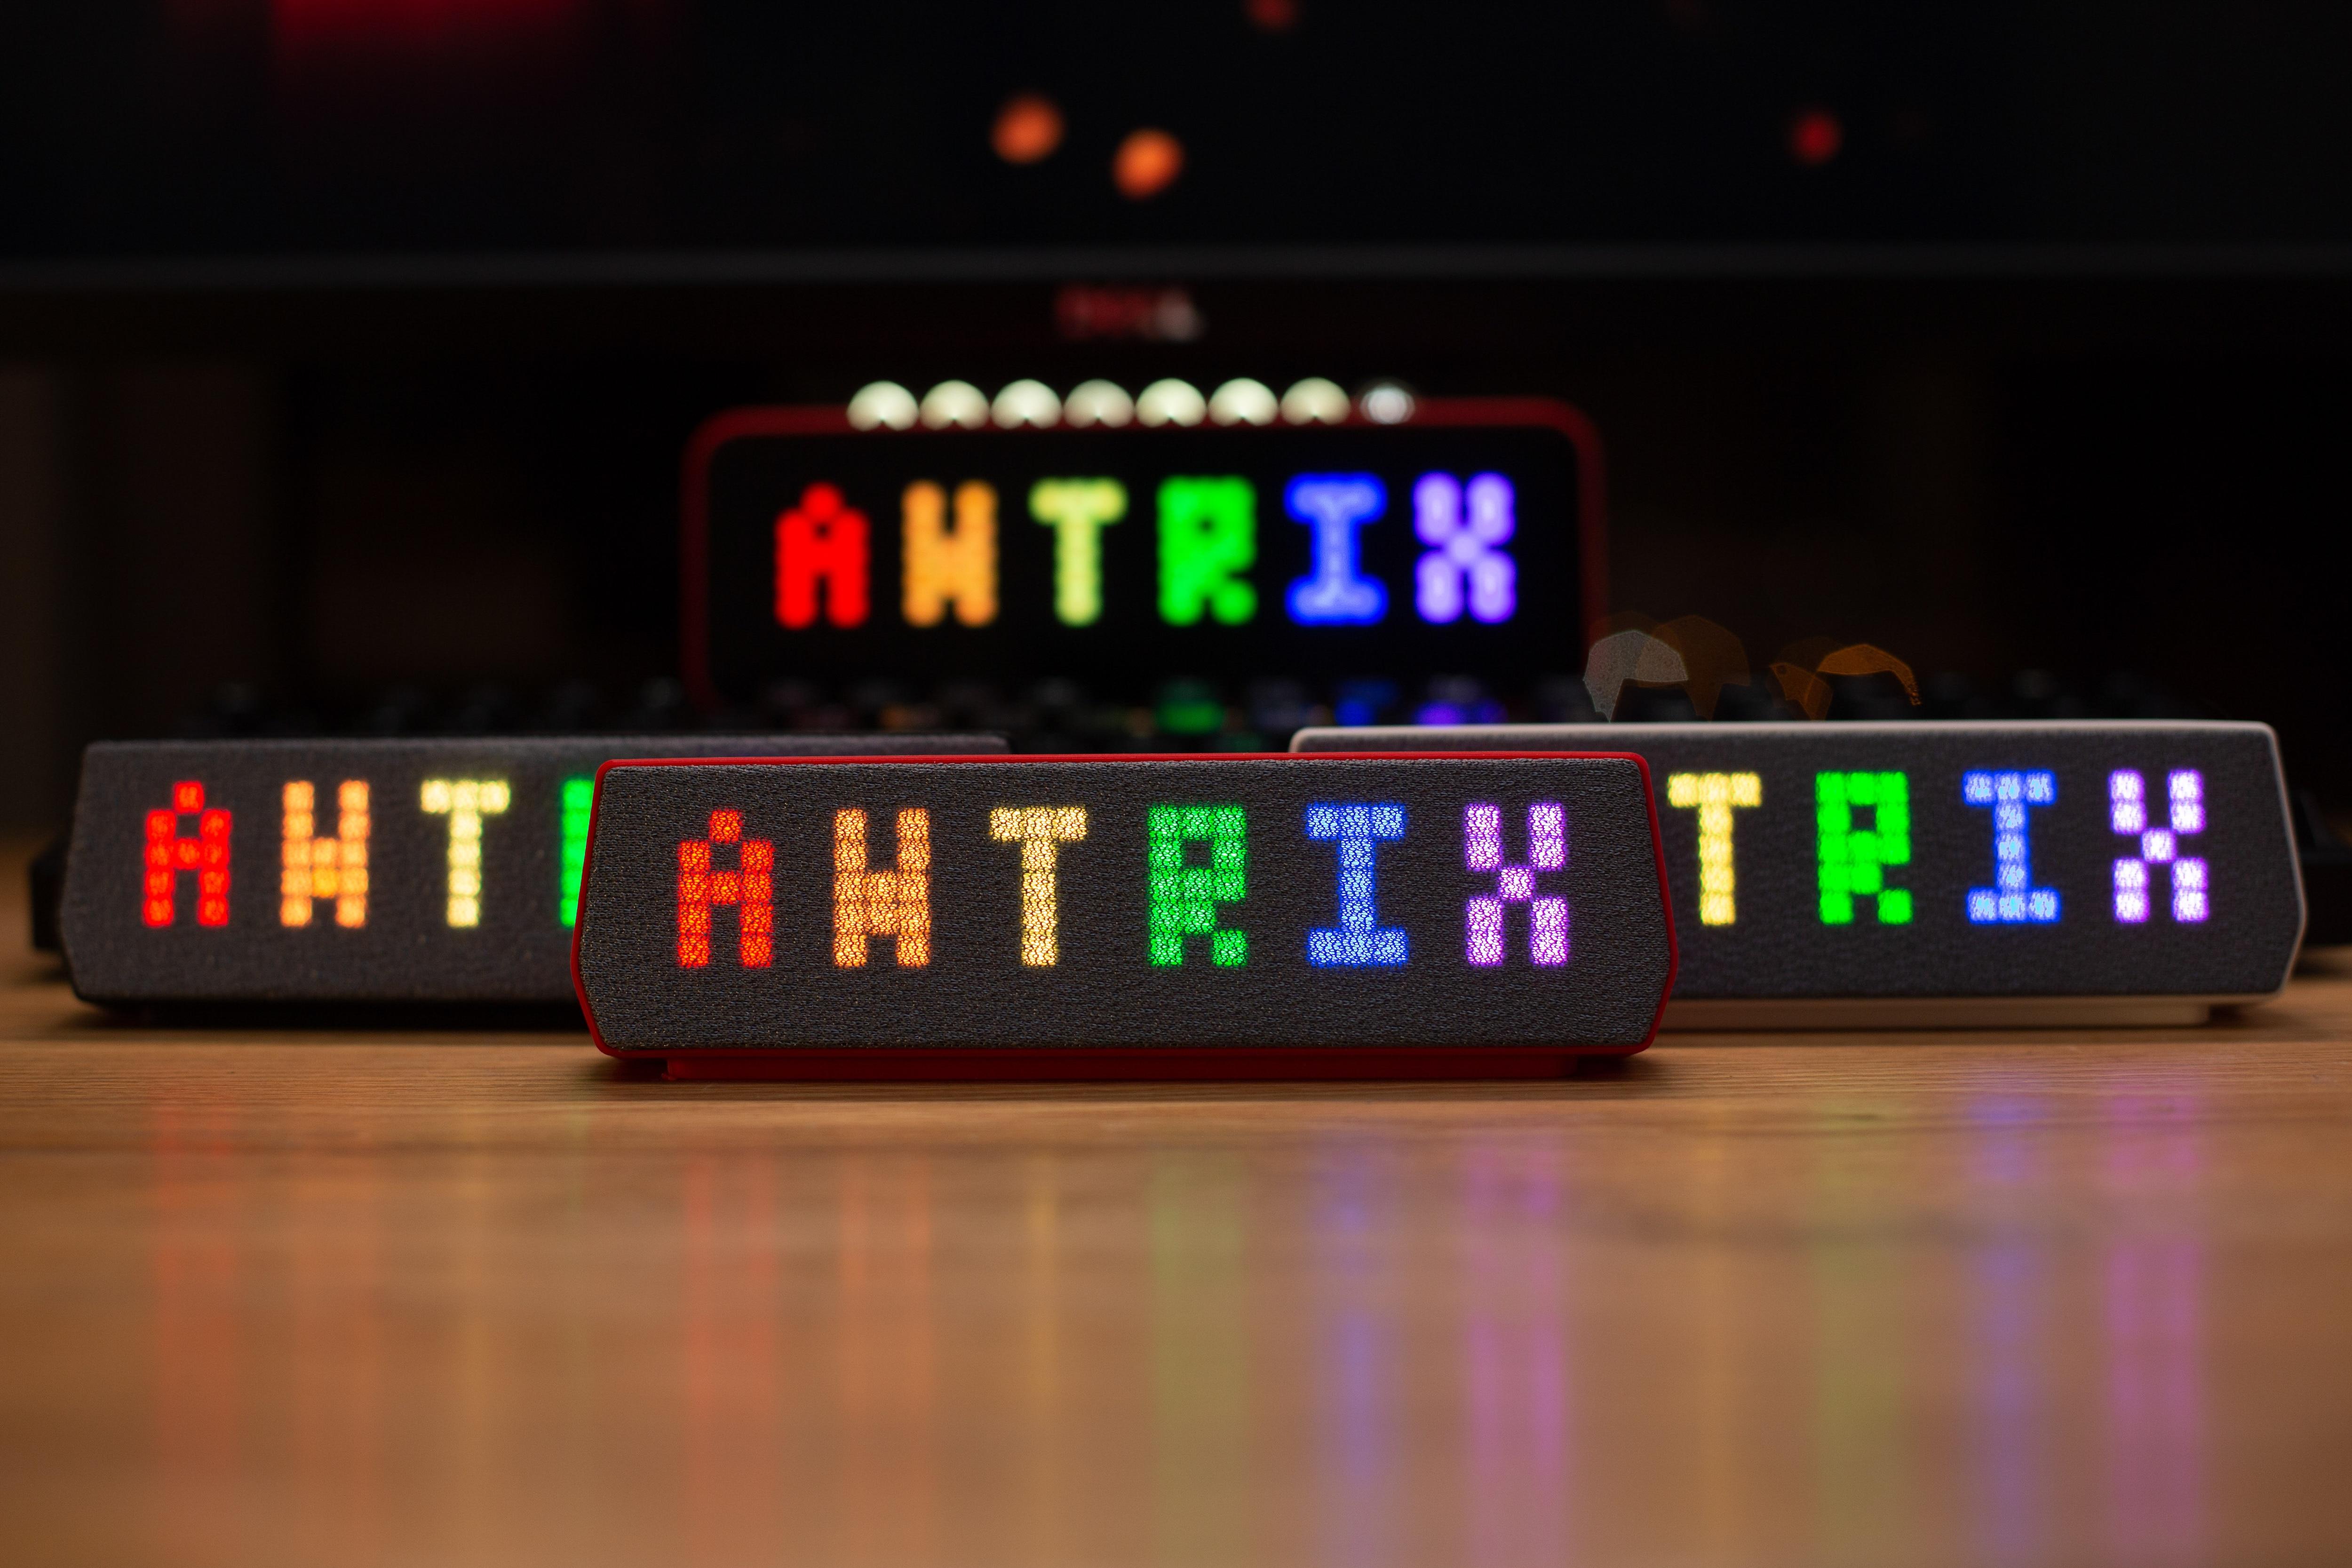 حجم صغير كامل وظيفة AWTRIX برو نقطة ملونة صغيرة مصفوفة مصباح بكسل مصباح بكسل